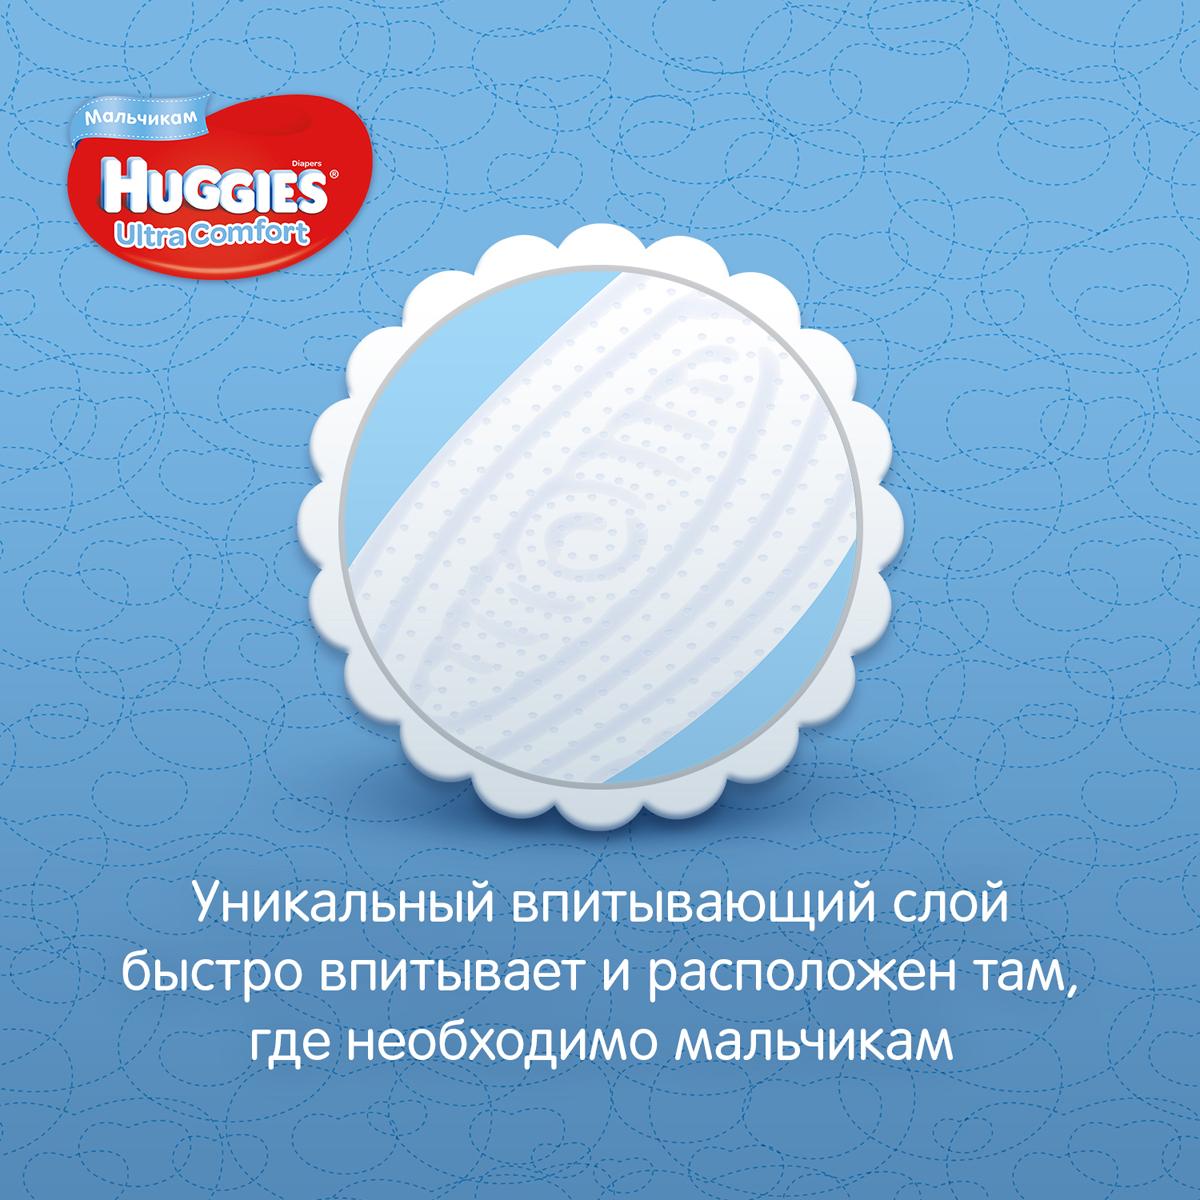 HuggiesПодгузники для мальчиков Ultra Comfort 12-22 кг (размер 5) 15 шт Huggies